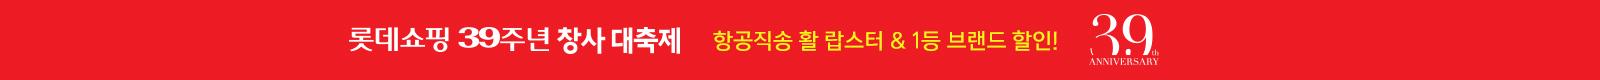 롯데쇼핑 39주년 창사 대축제 항공직송 활 랍스터 & 1등 브랜드 할인!